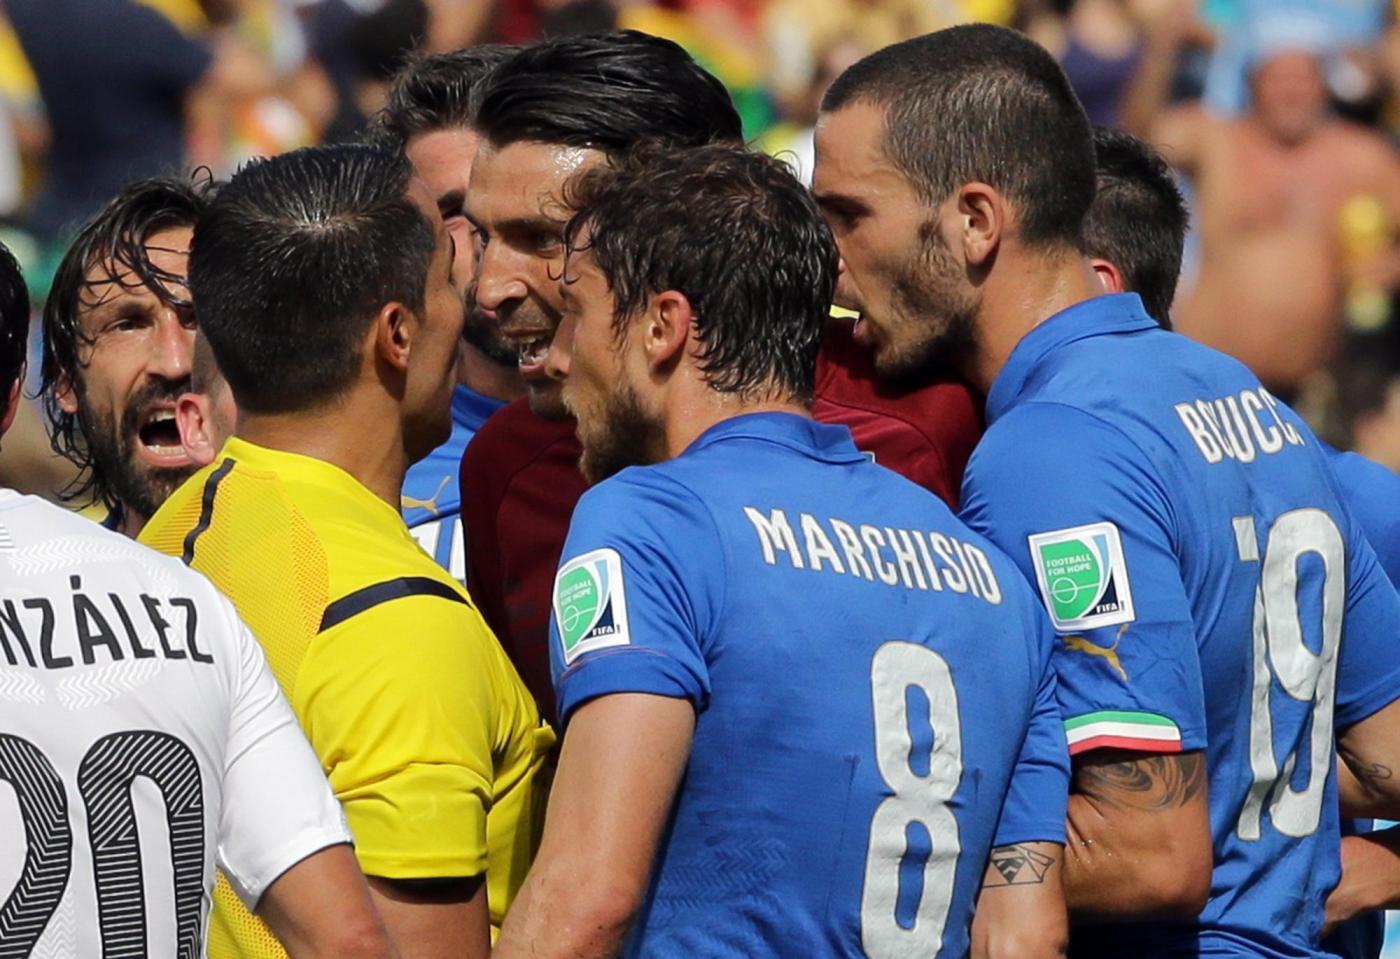 Italia Uruguay: probabili formazioni e dove vederla in diretta TV e in streaming